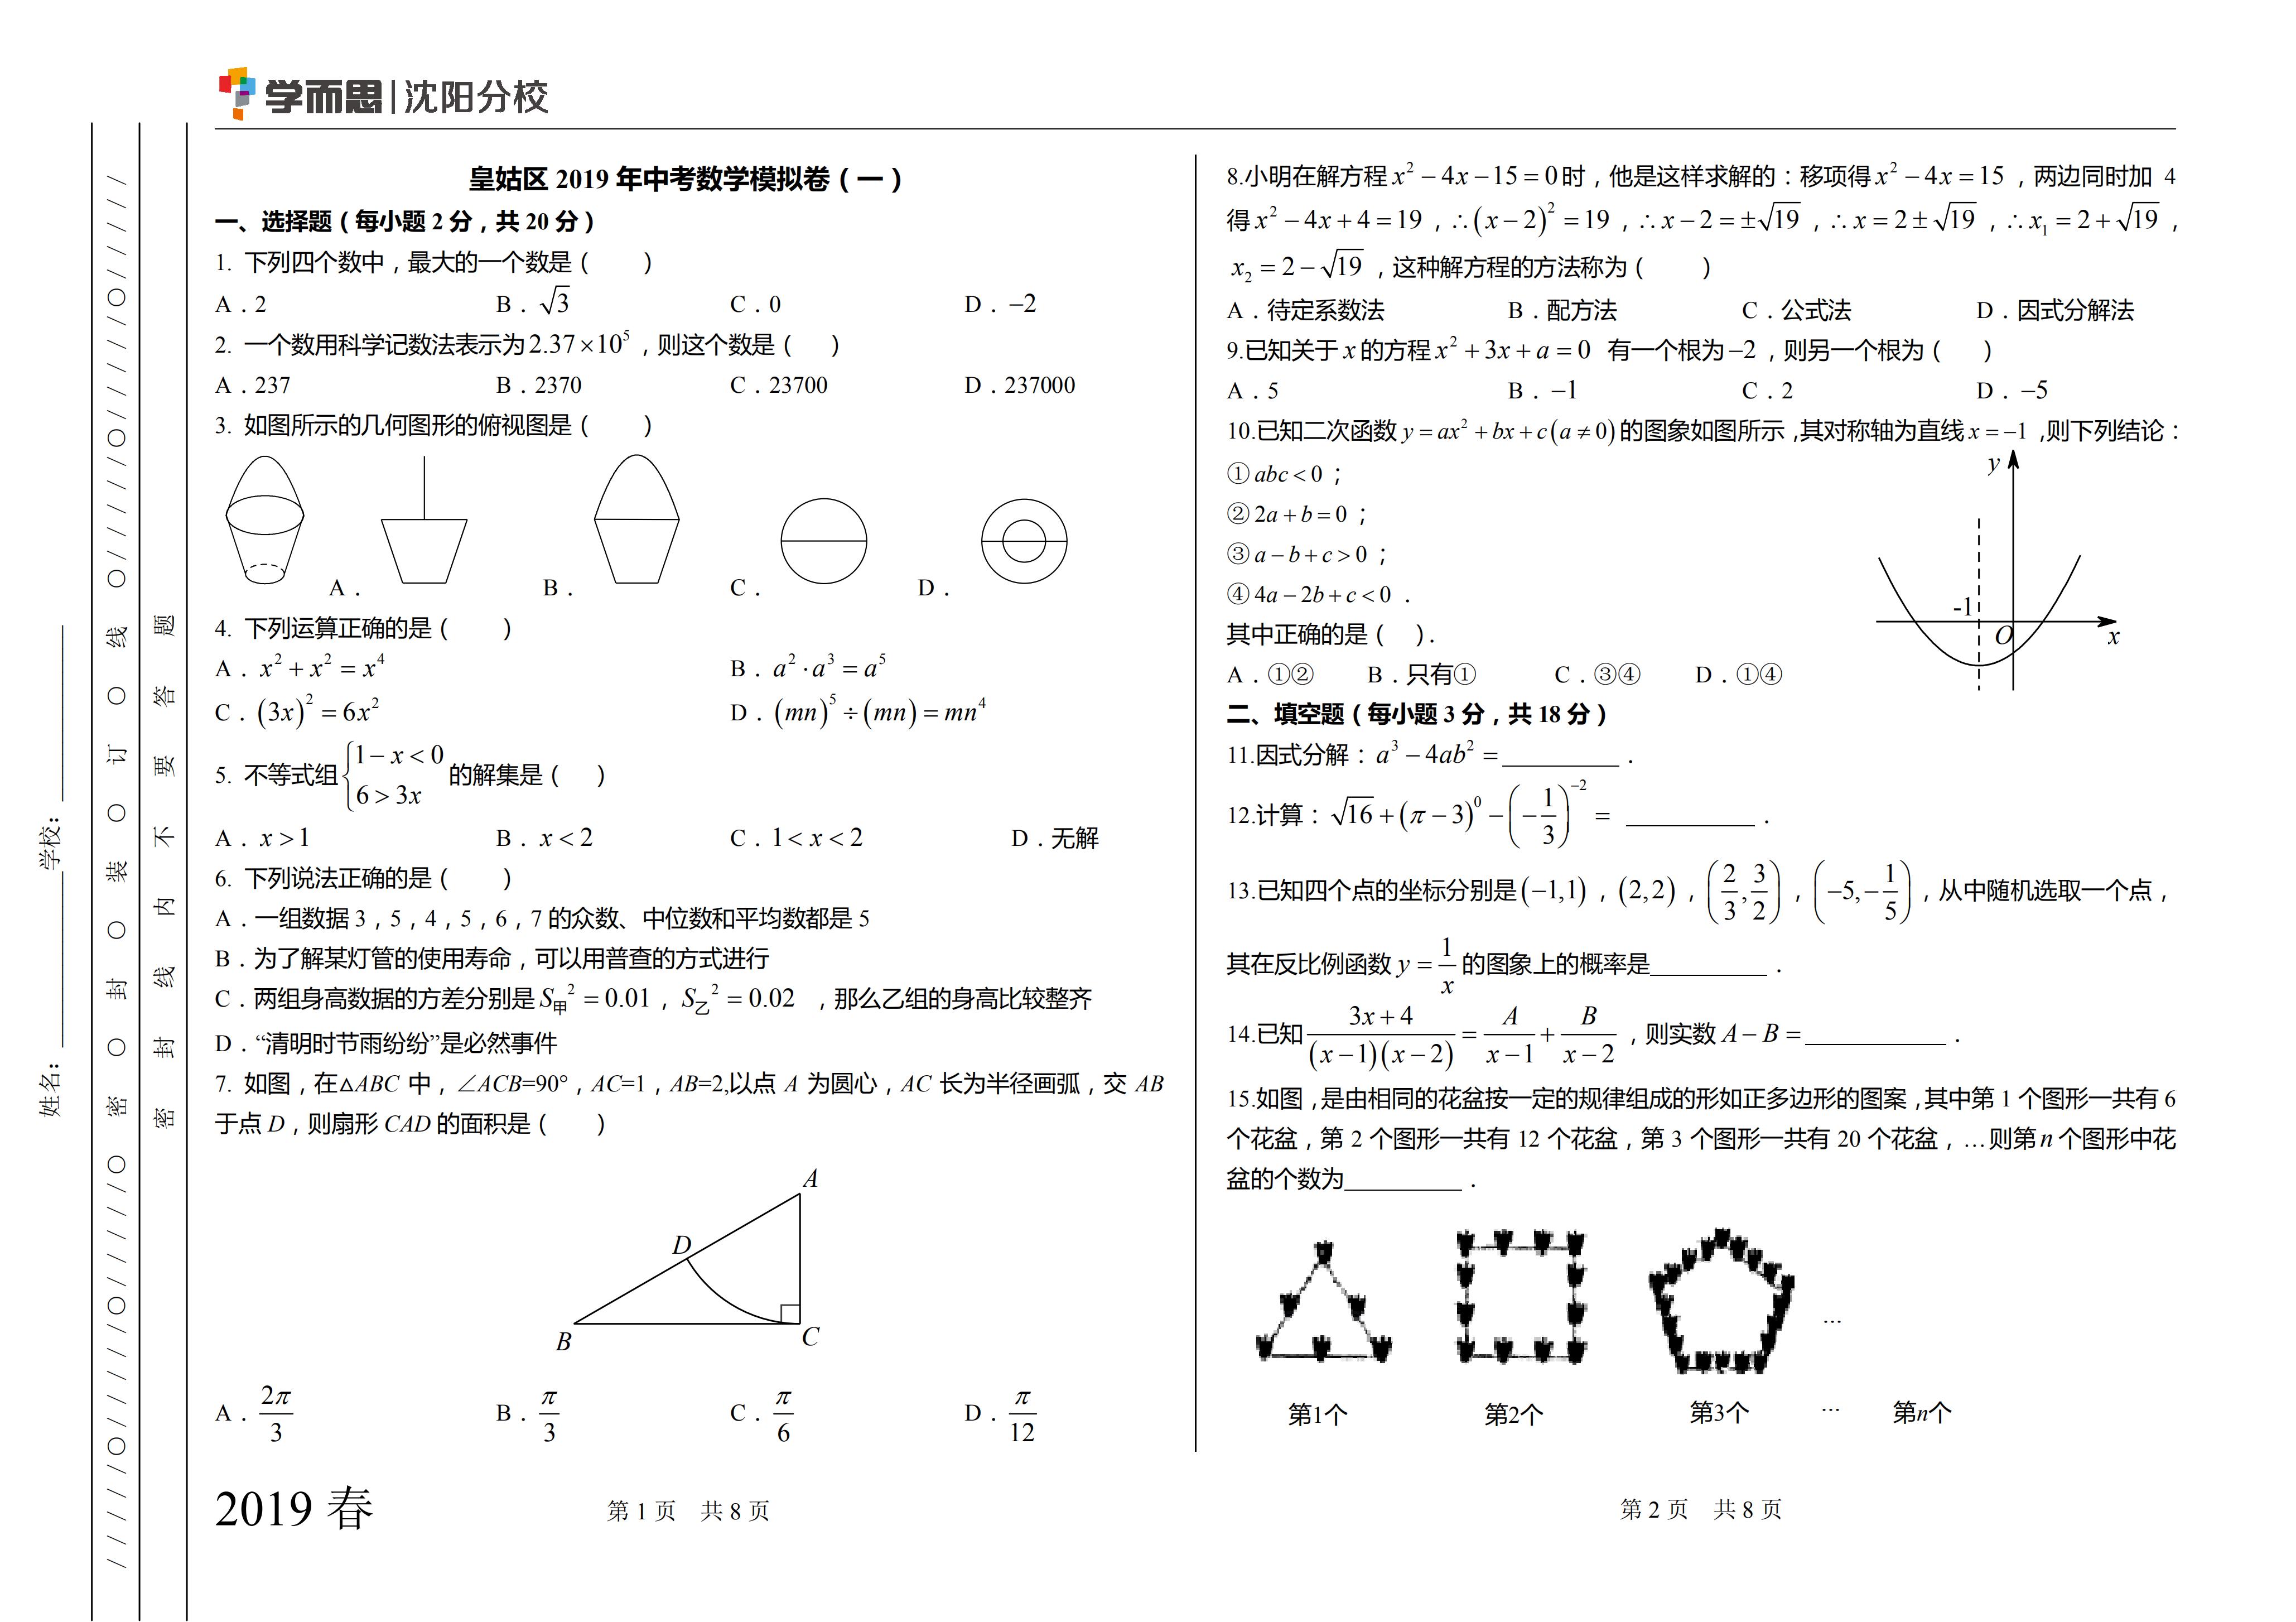 2019年皇姑区一模数学试卷_00.png